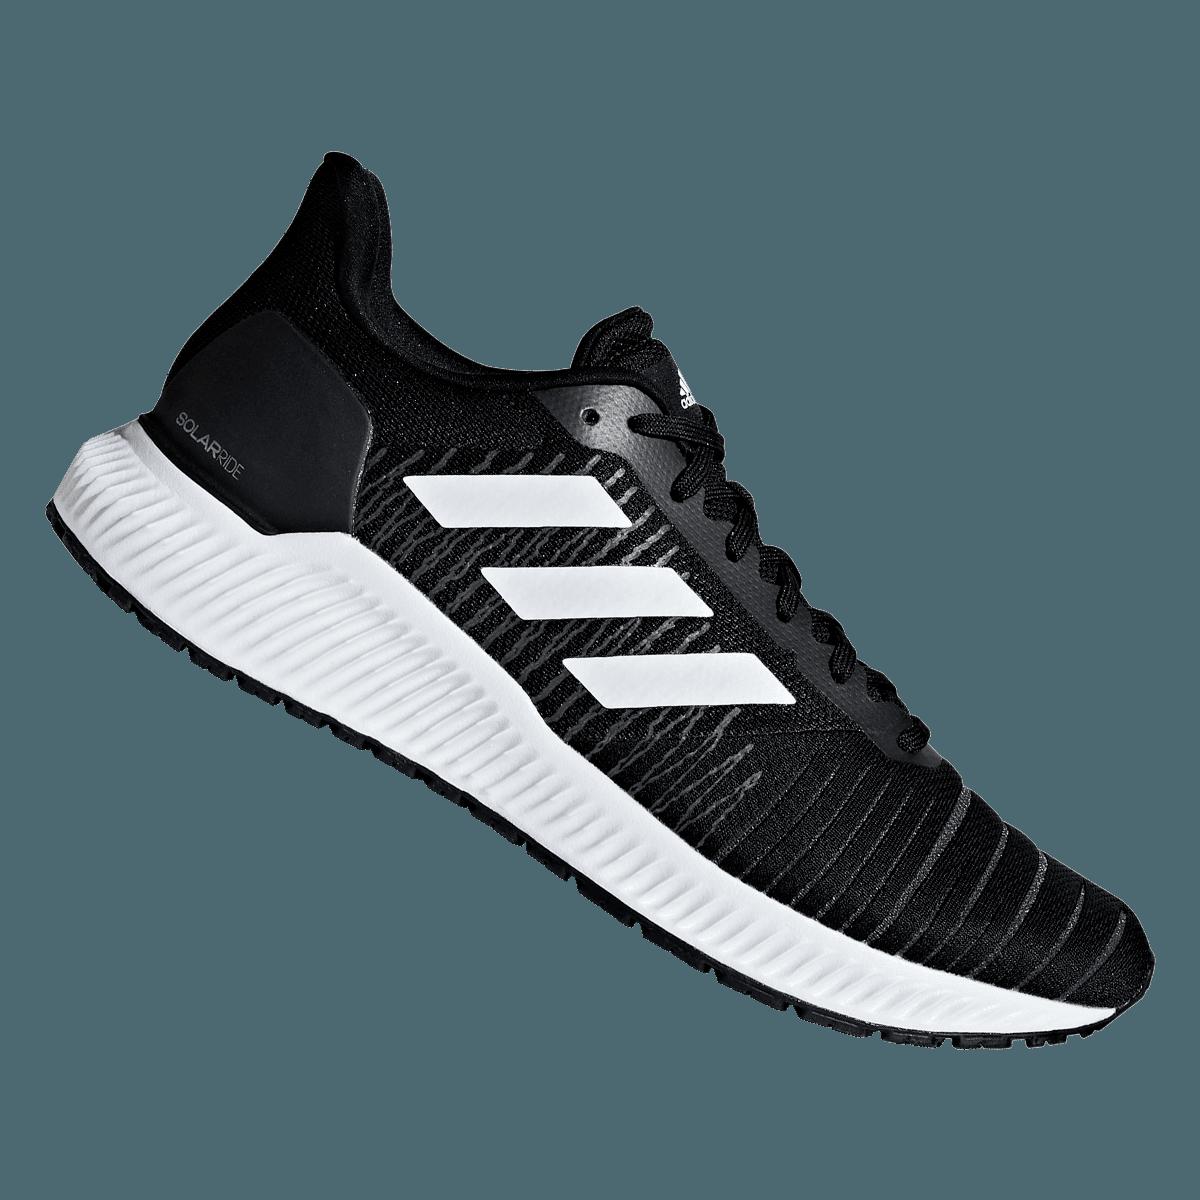 adidas hardloopschoenen Solar Ride M zwartwit